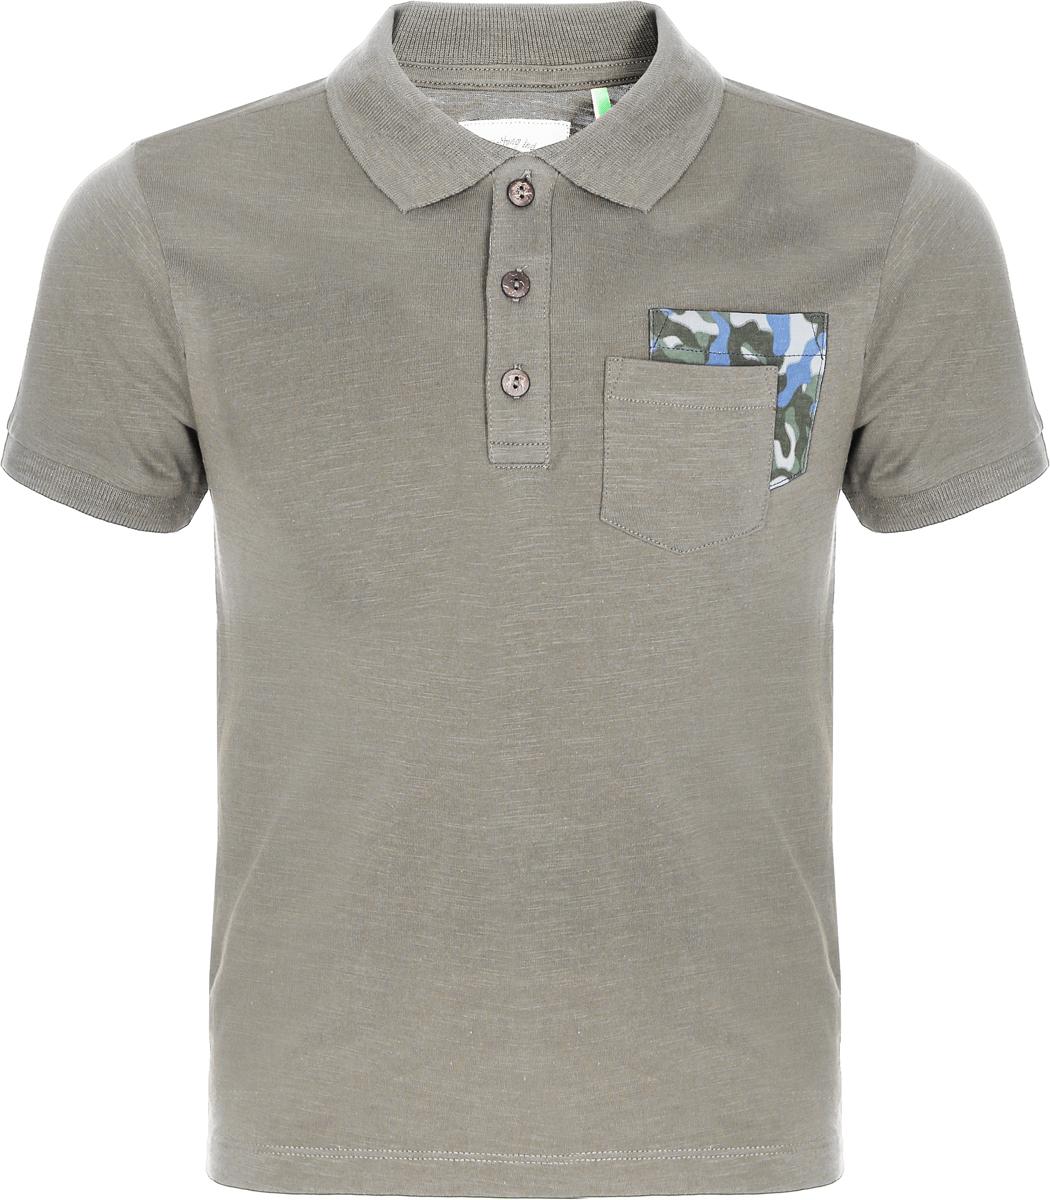 Поло для мальчика Sela, цвет: светло-зеленый. Tsp-811/286-8213. Размер 146, 11 лет sela рубашка поло для мальчика sela